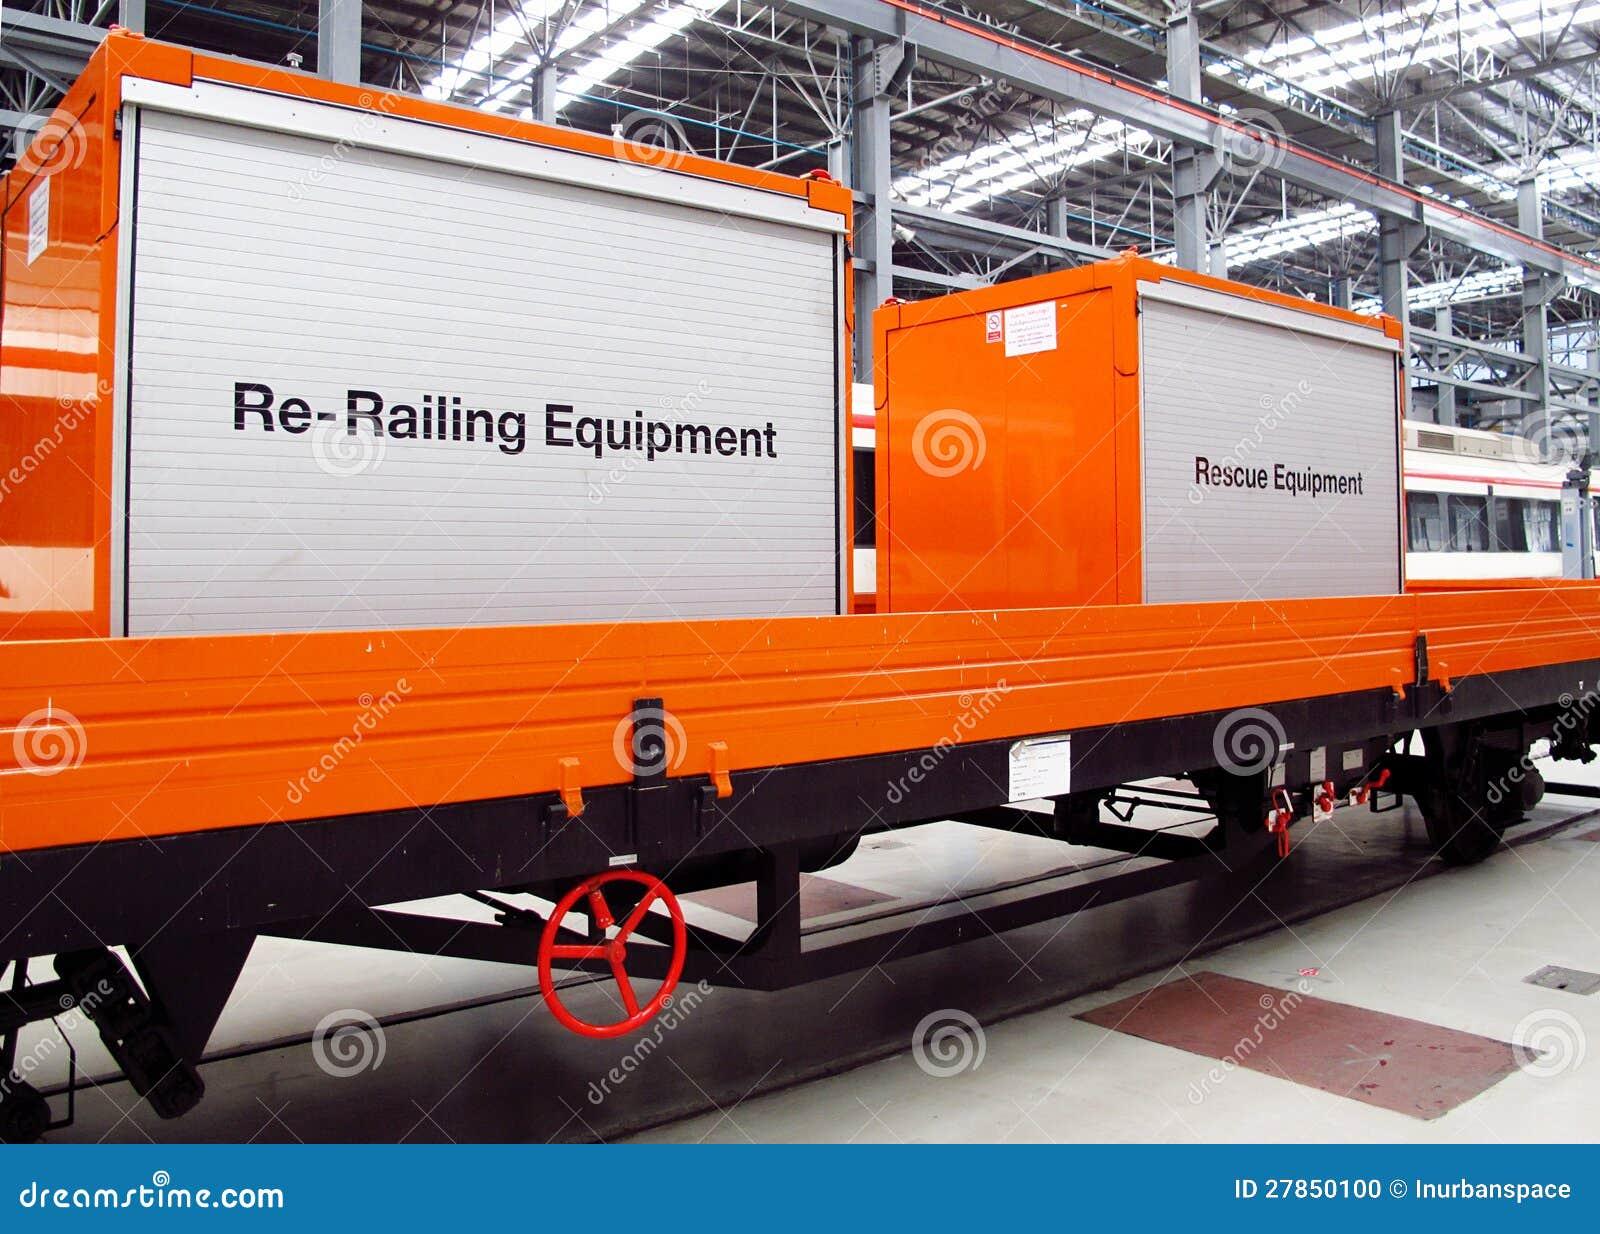 Sprzęt ratowniczy na ciężarówce pociąg.